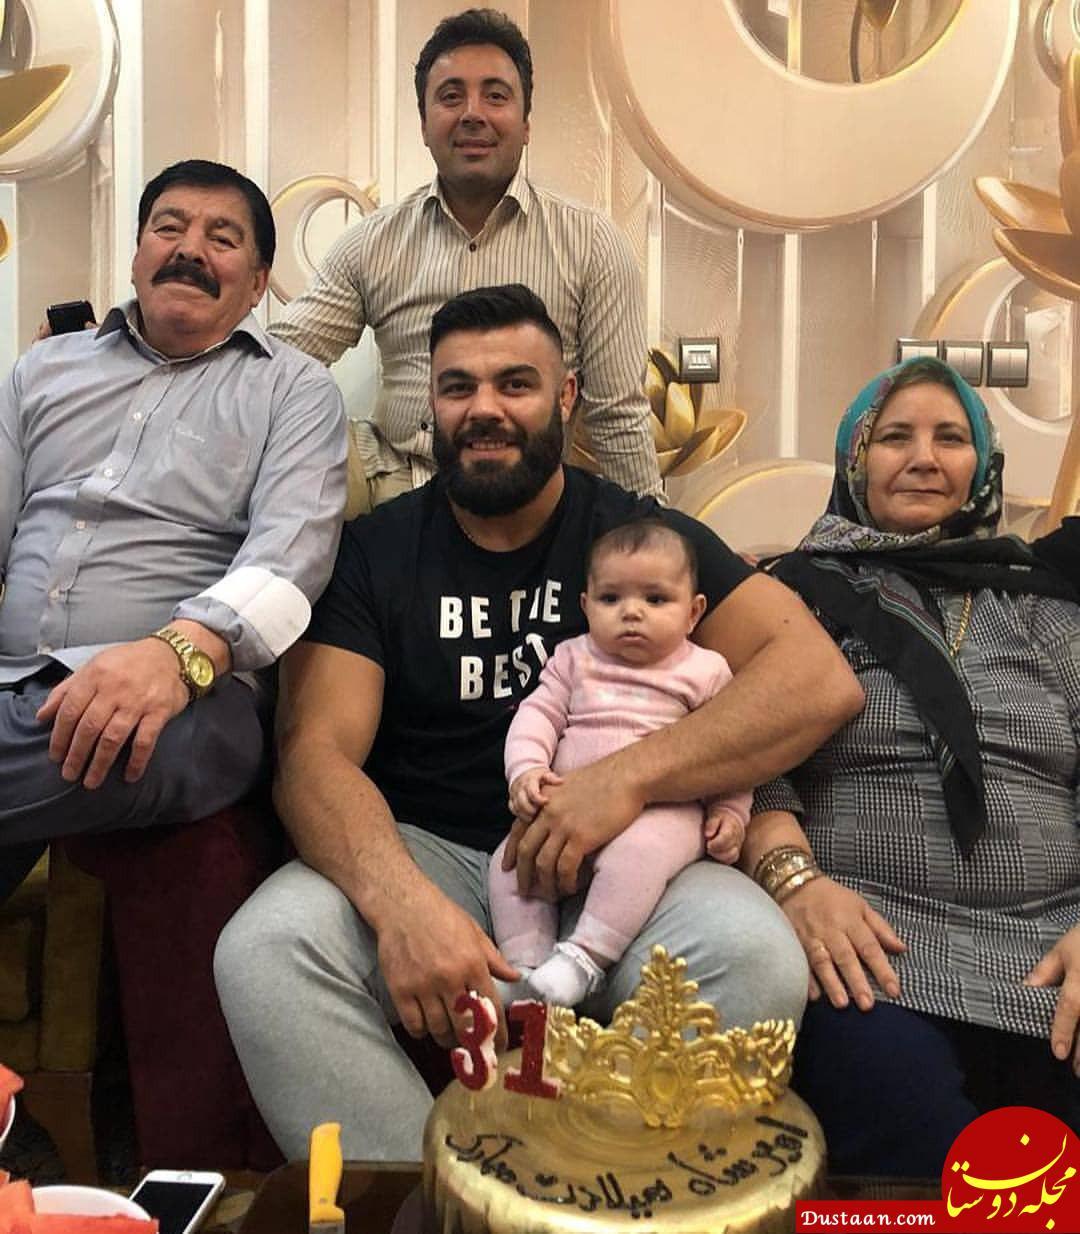 امیر علی اکبری قهرمان ایرانی در کنار خانواده اش در روز تولدش